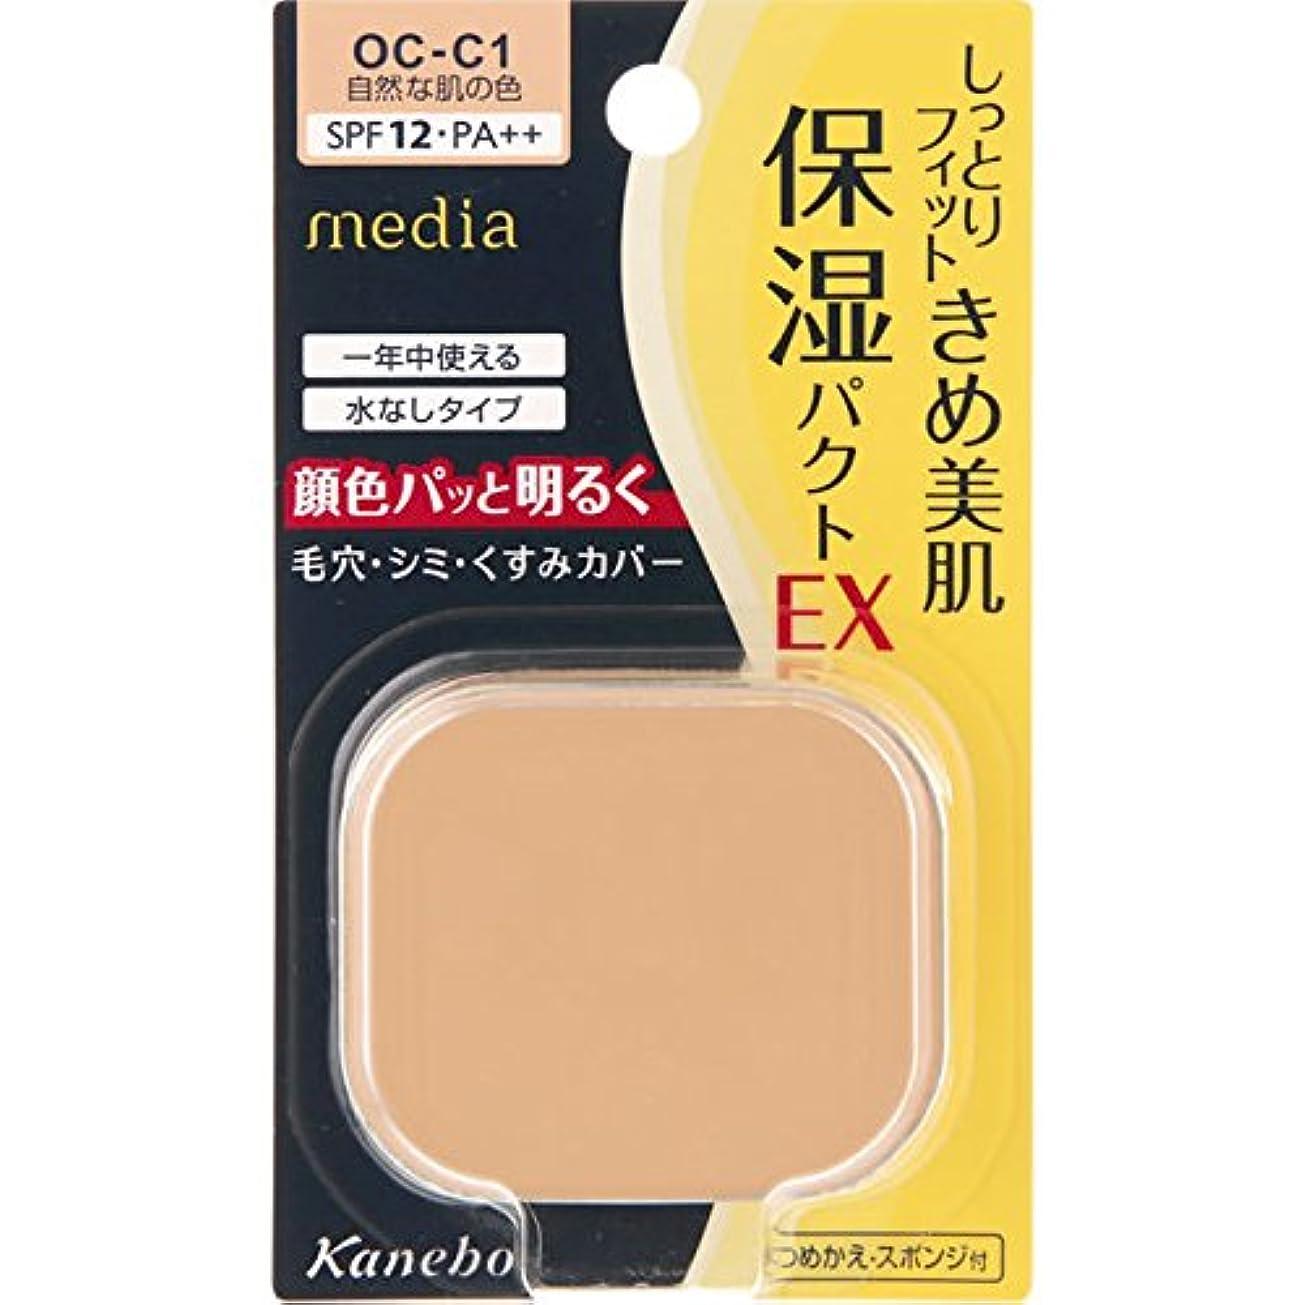 ピカソ専制お金カネボウ メディア モイストフィットパクトEX<つめかえ> OC-C1(11g)